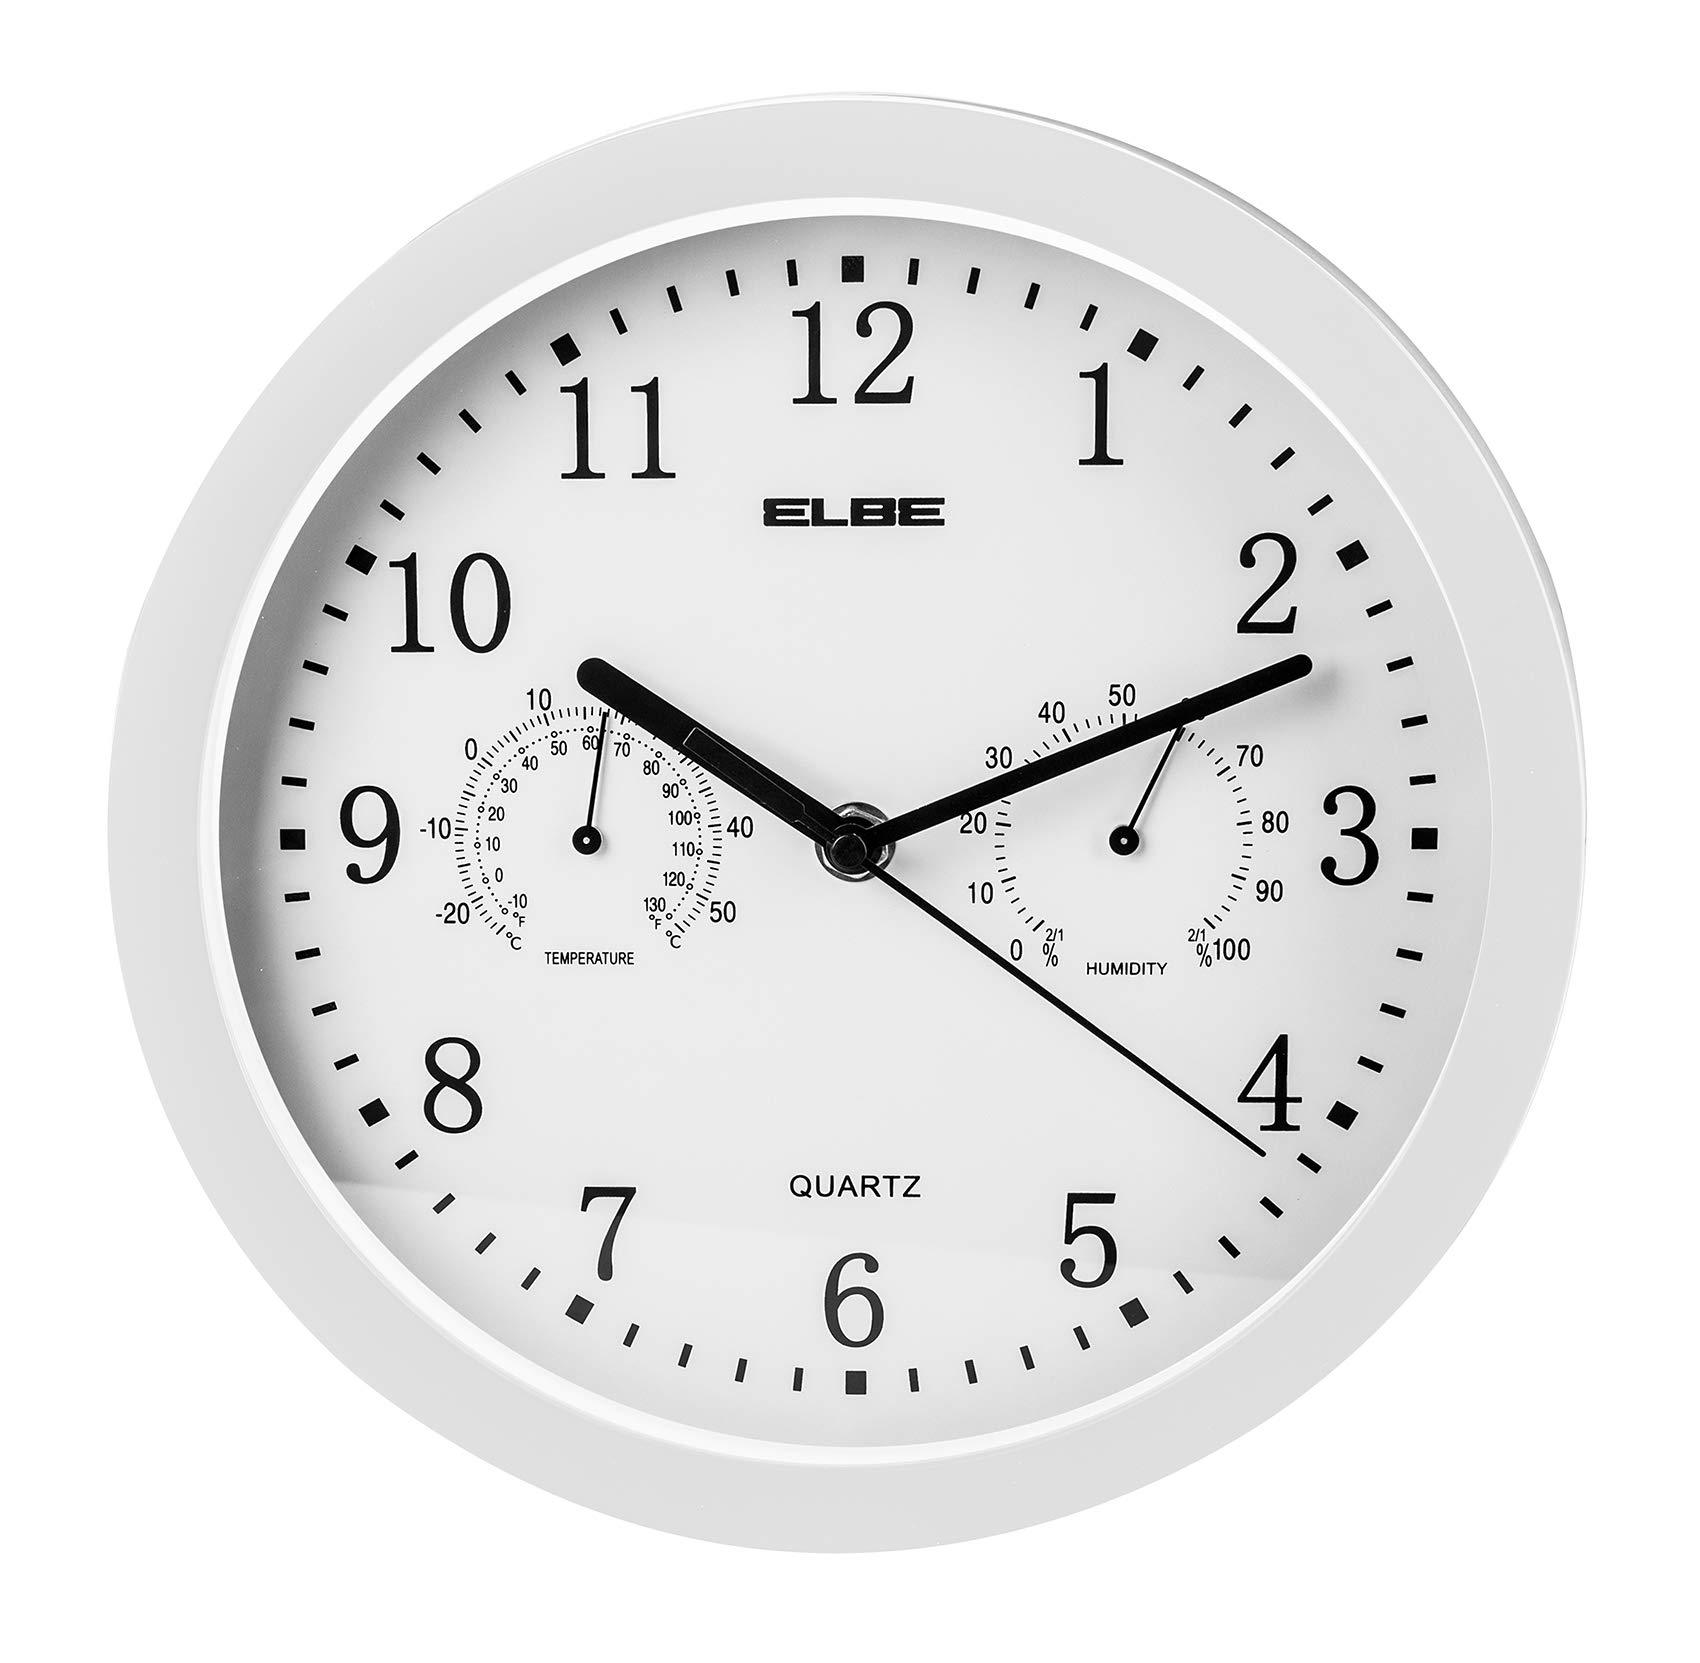 Elbe RP-2005-B - Reloj de pared con termómetro y higrómetro, color